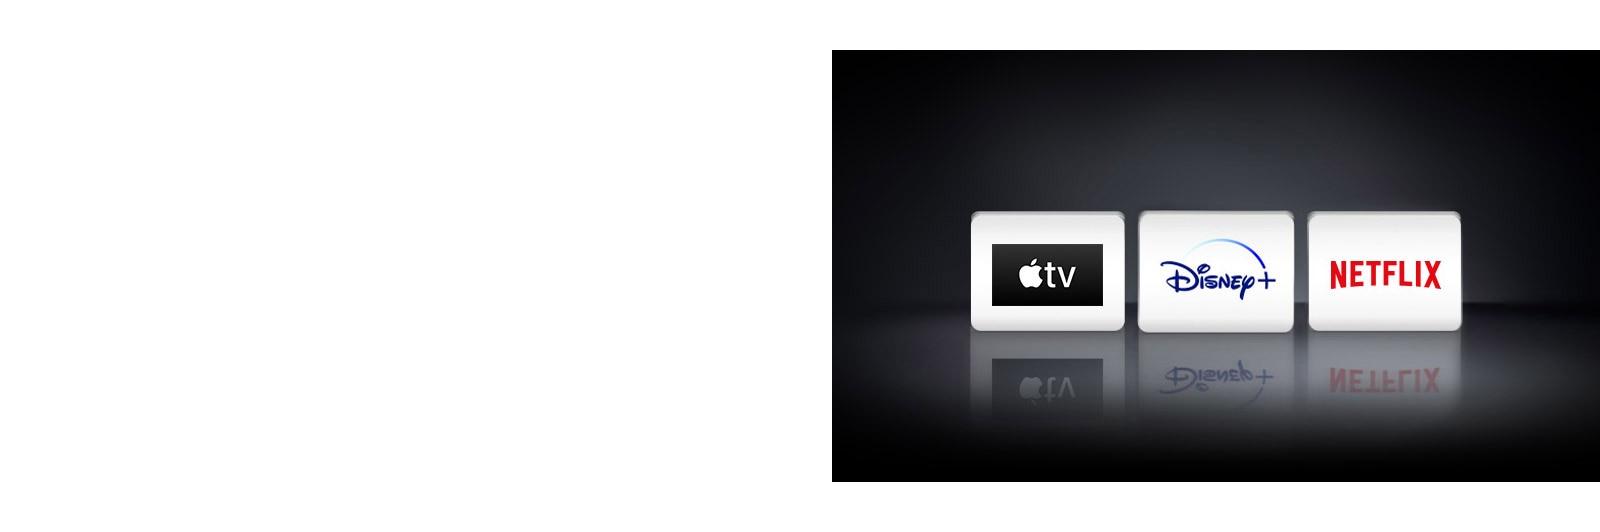 LG 55NANO80TNA Unlimited Entertainment